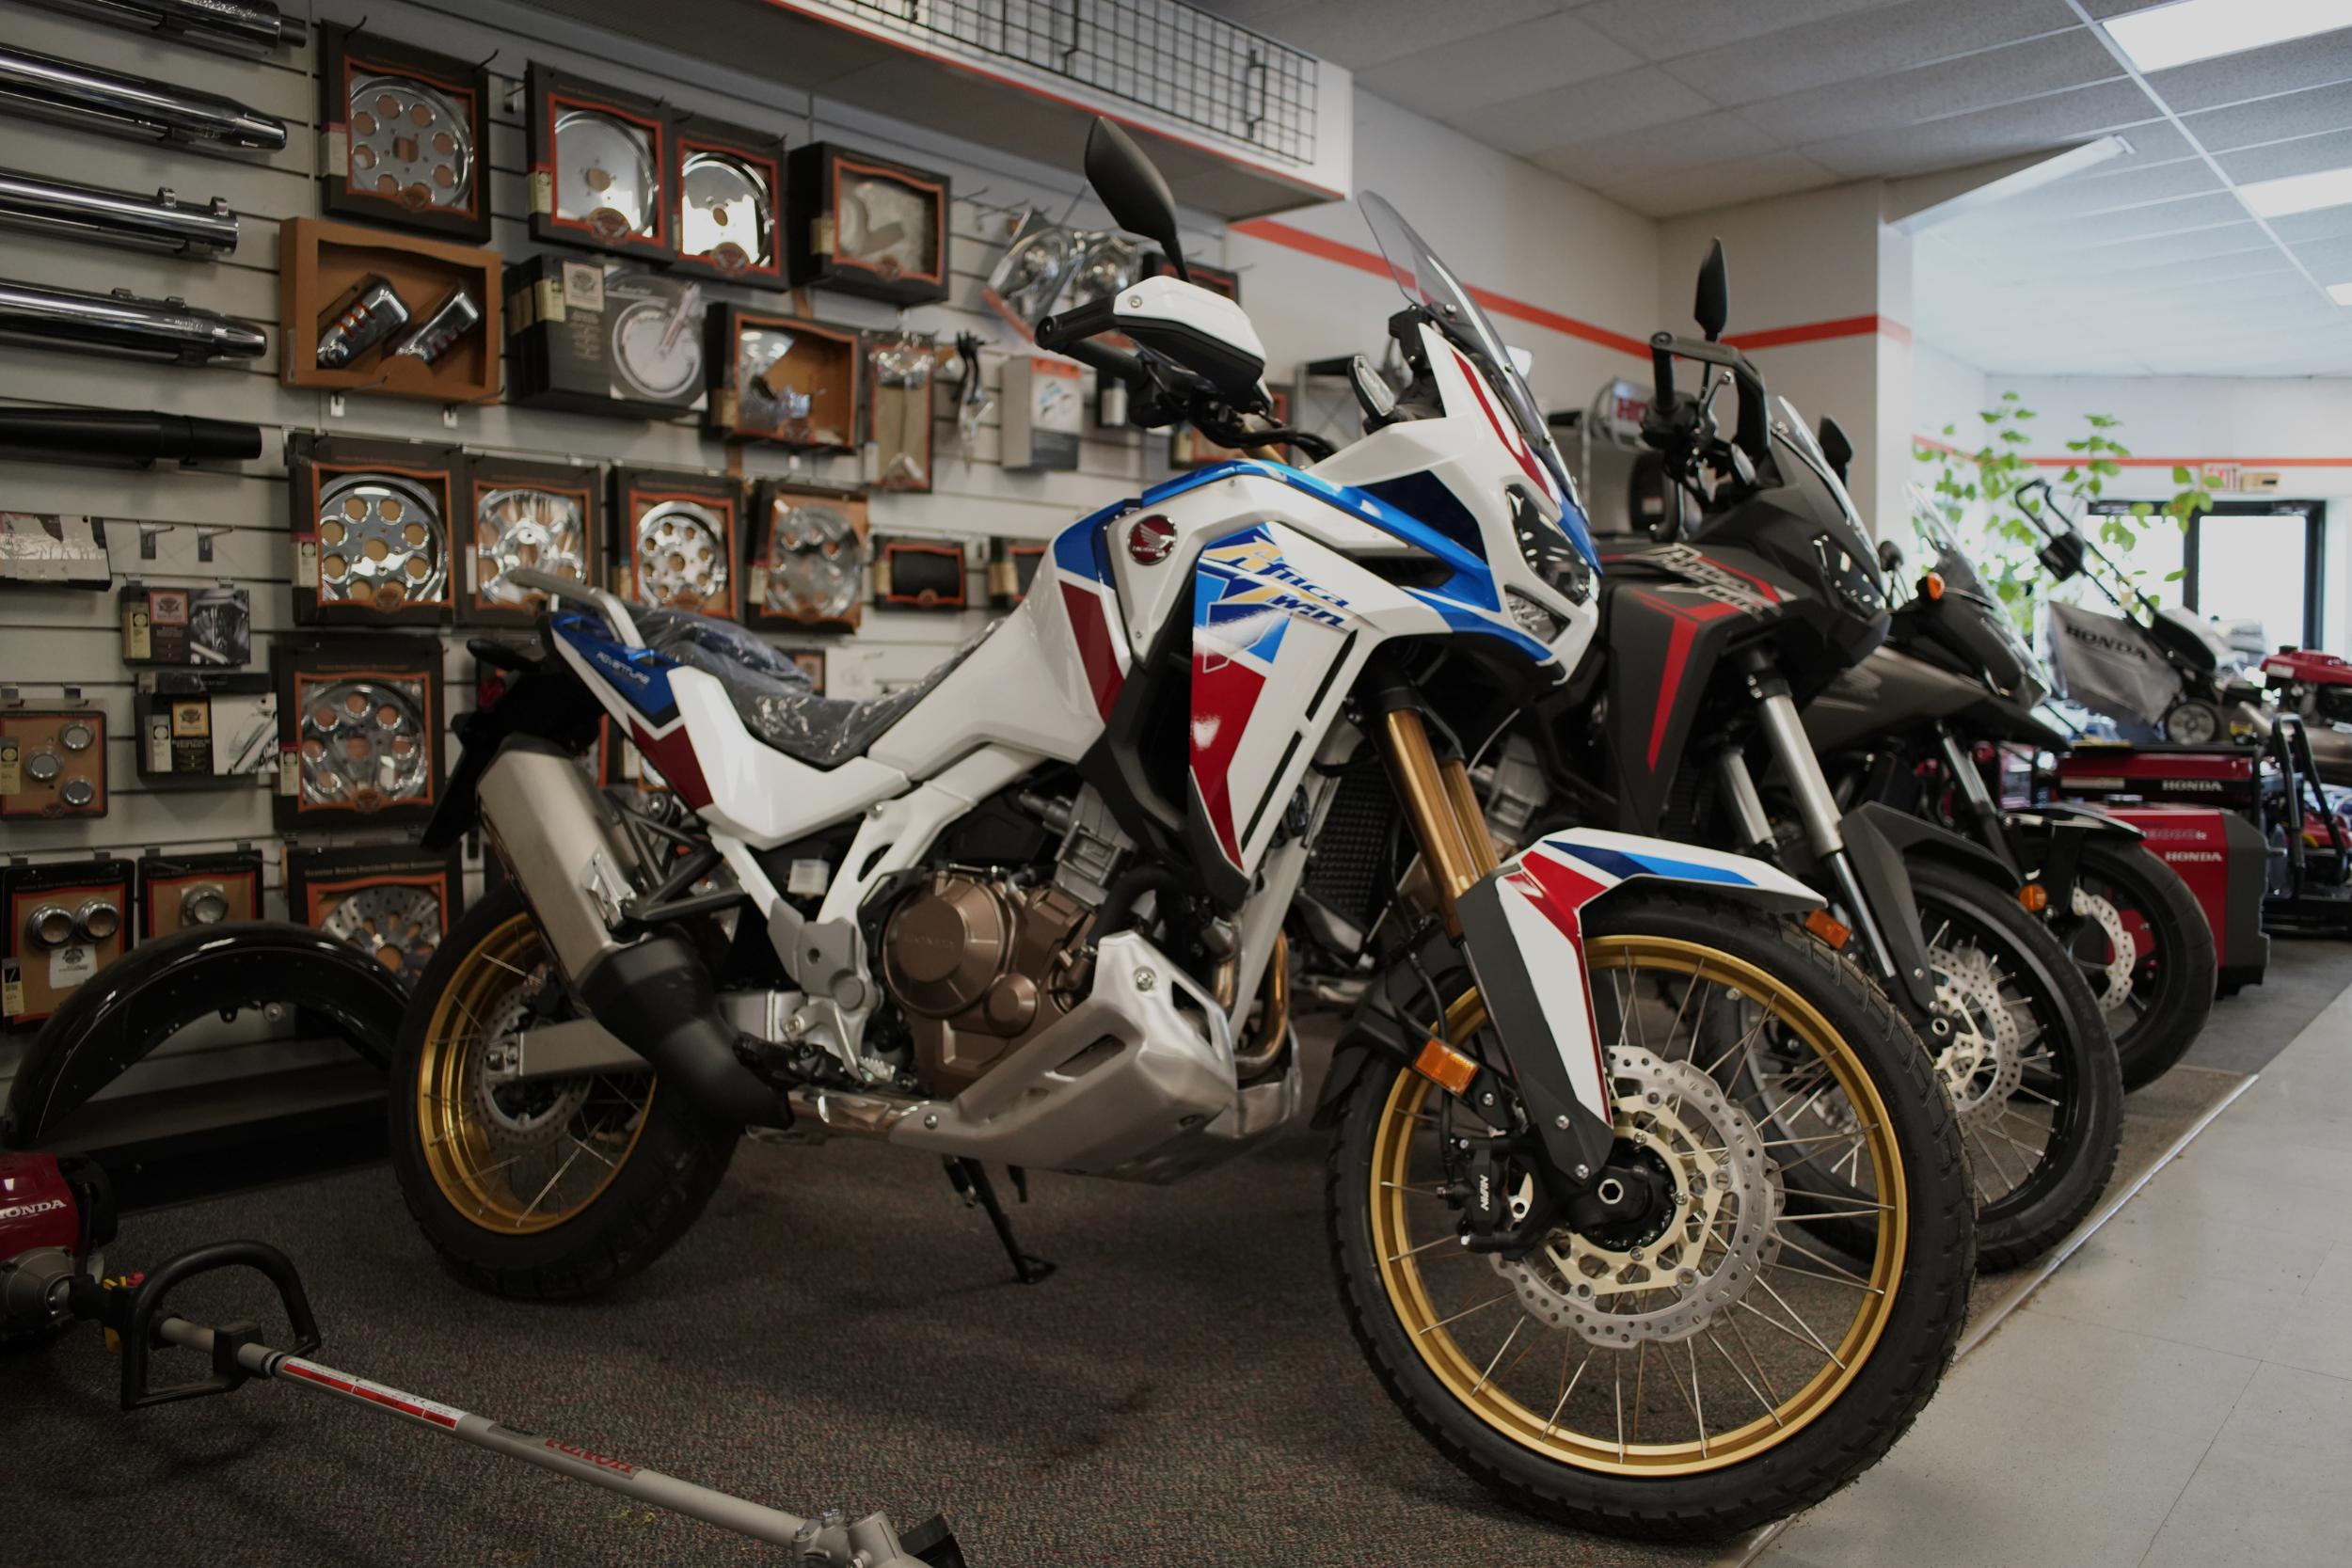 New 2020 Honda CRF1100